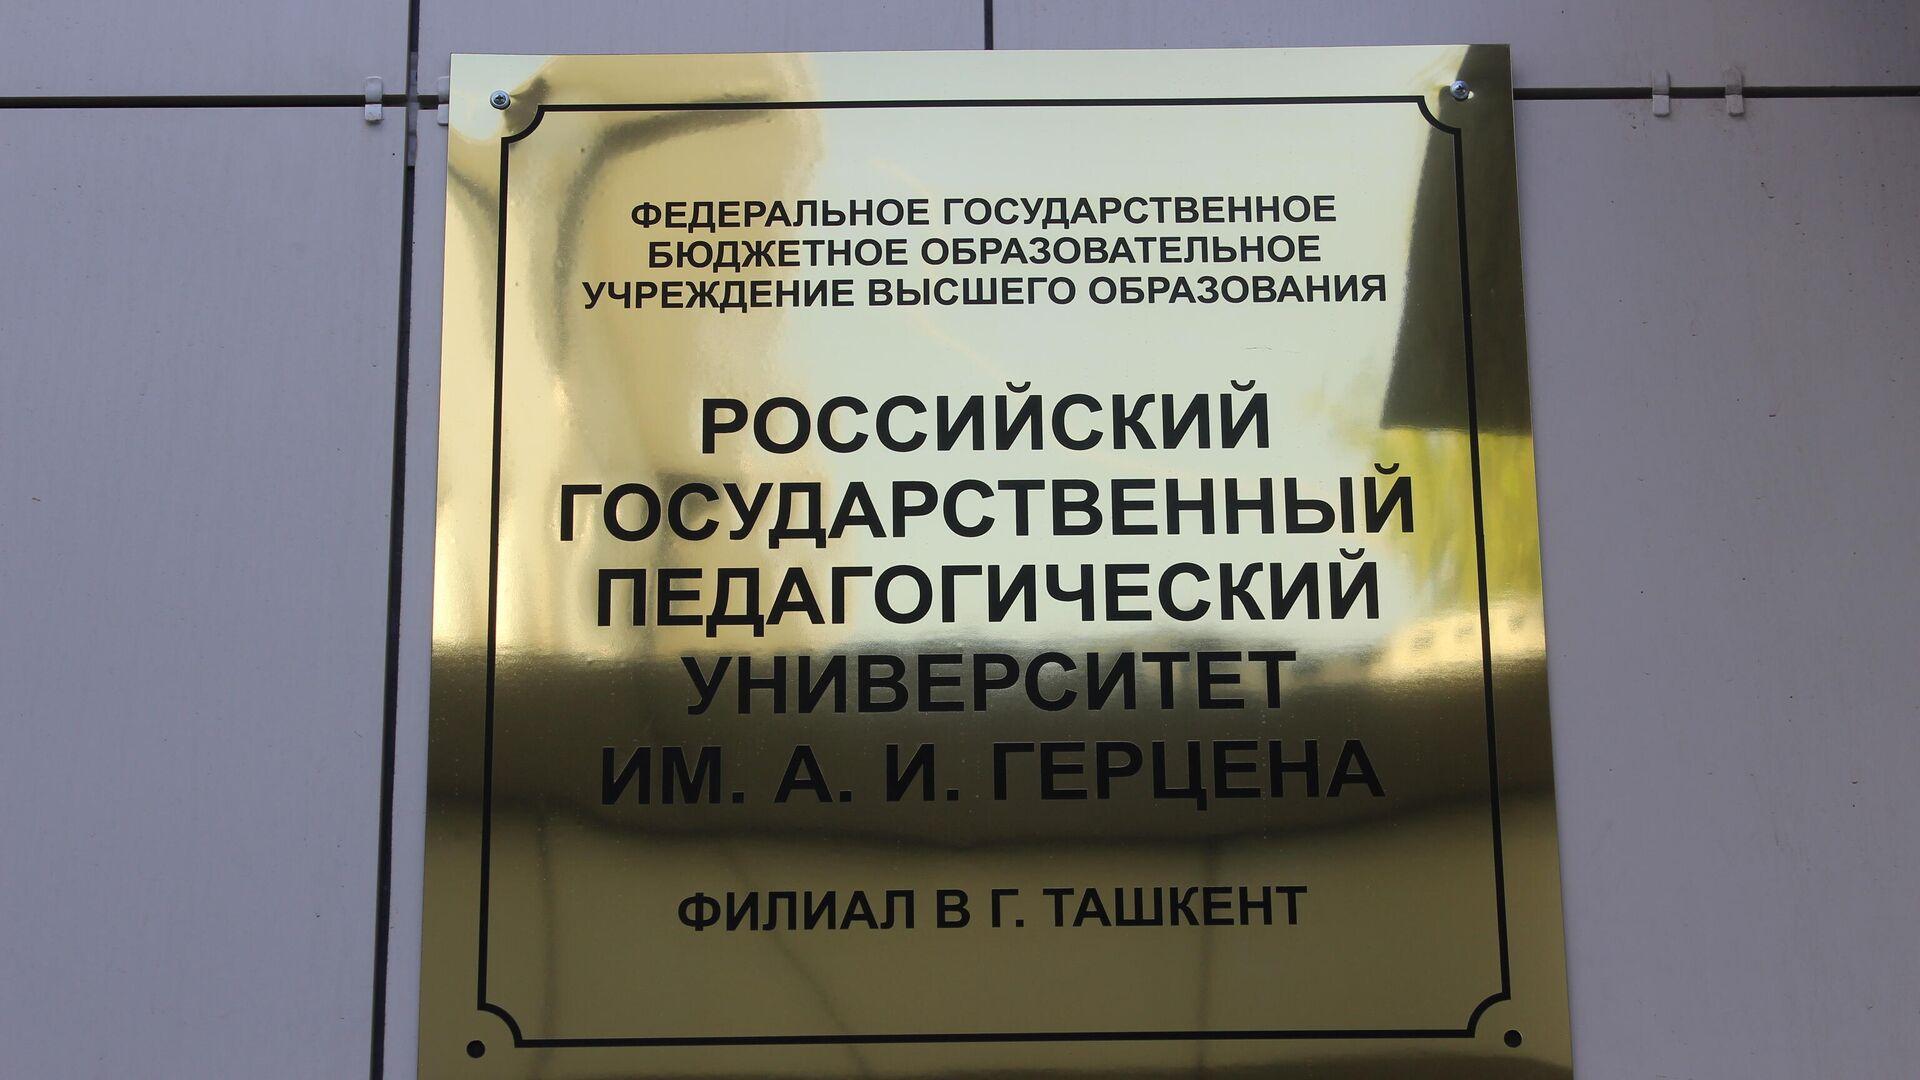 Открытие филиала РГПУ им. Герцена в Ташкенте  - Sputnik Узбекистан, 1920, 24.09.2021